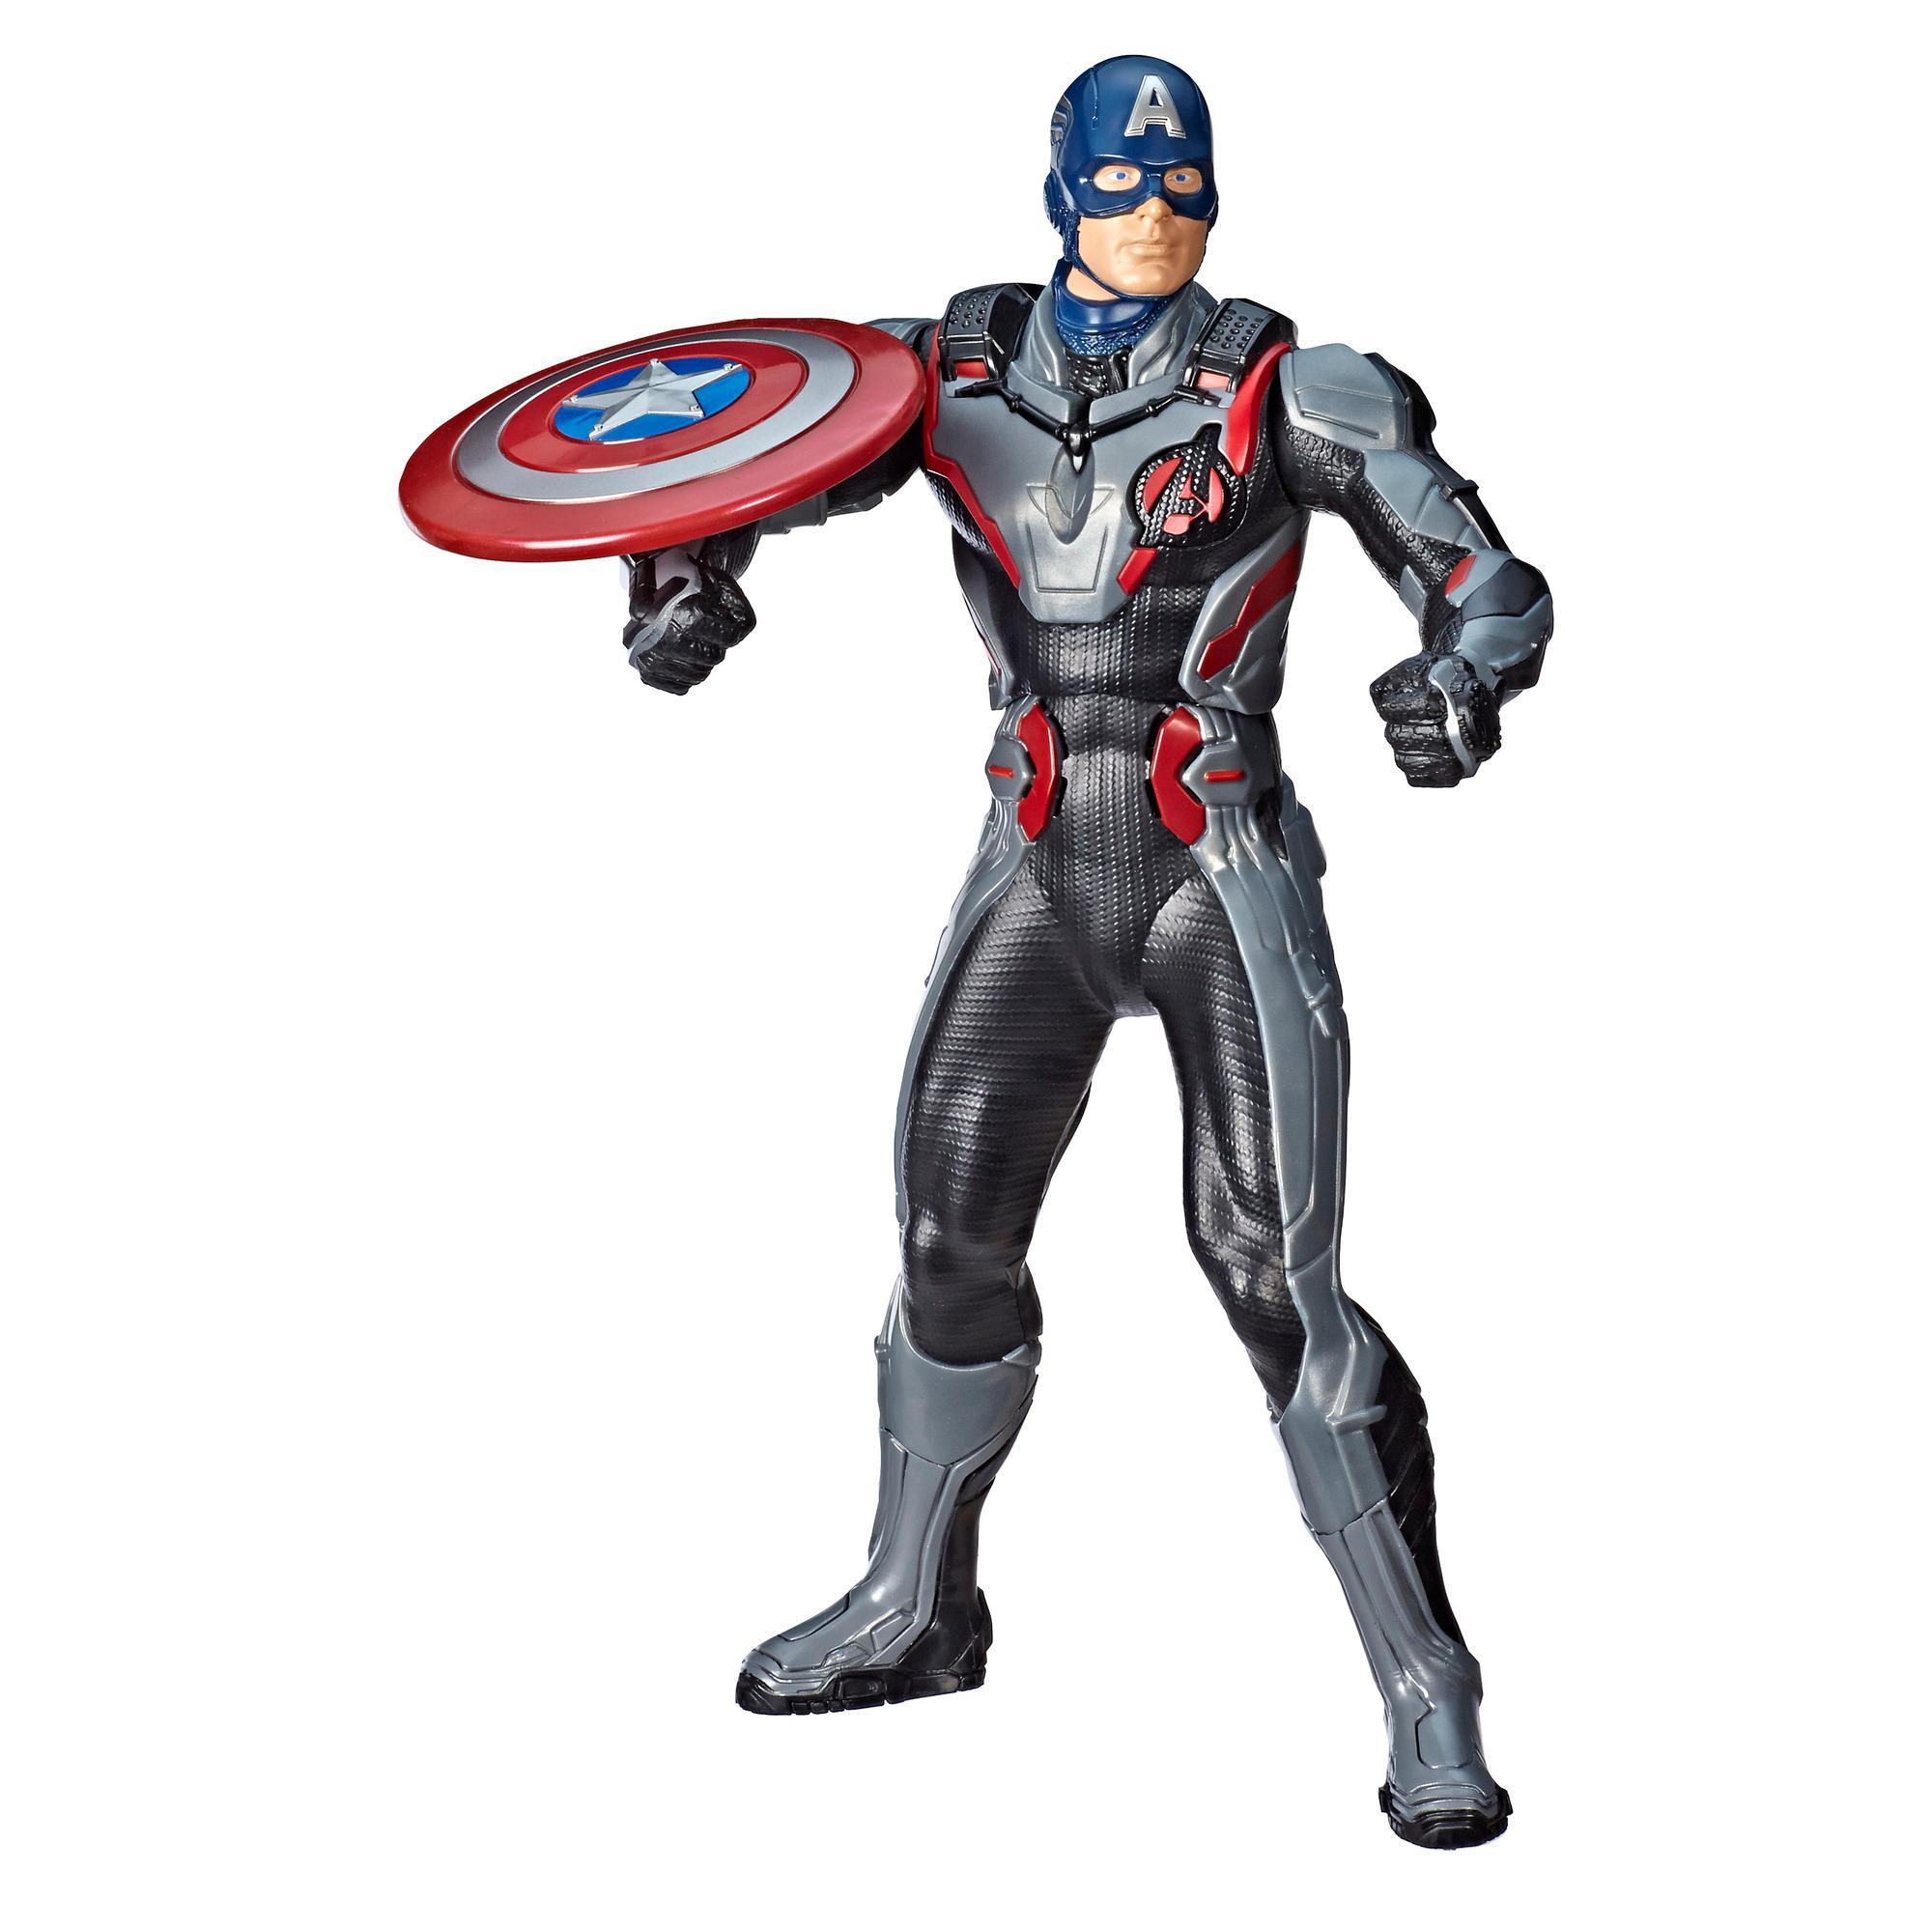 Marvel Avengers Avengers : Phase finale - Figurine Captain America Lance-bouclier de 33 cm avec plus de 15 sons et phrases